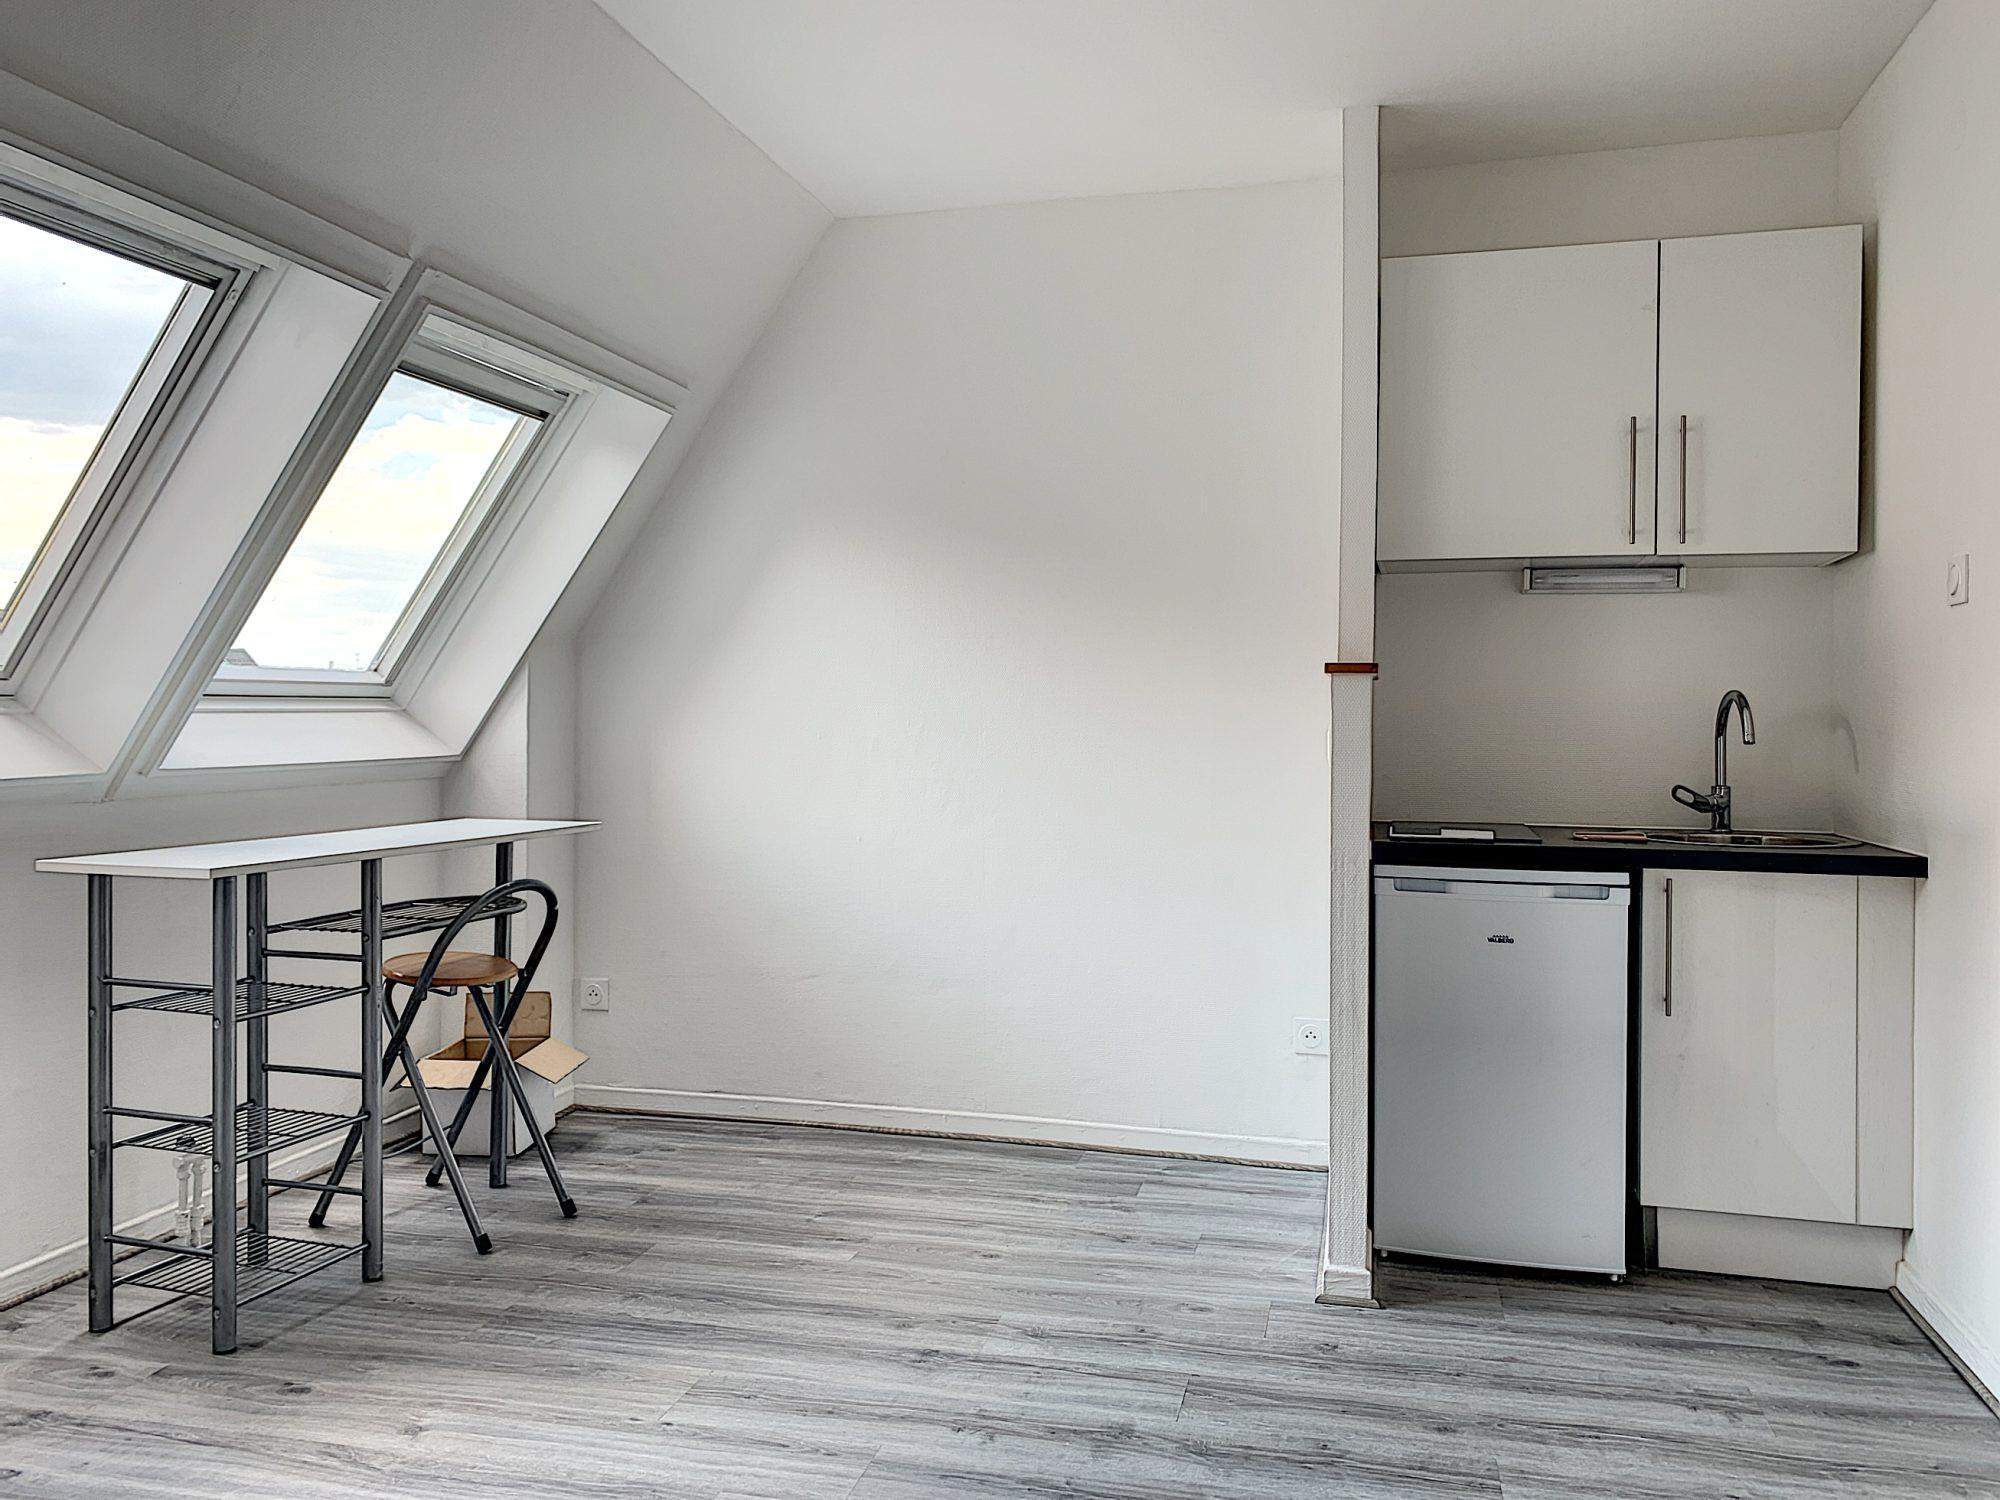 PETITE FRANCE - Studio totalement rénové de 19,00 m²